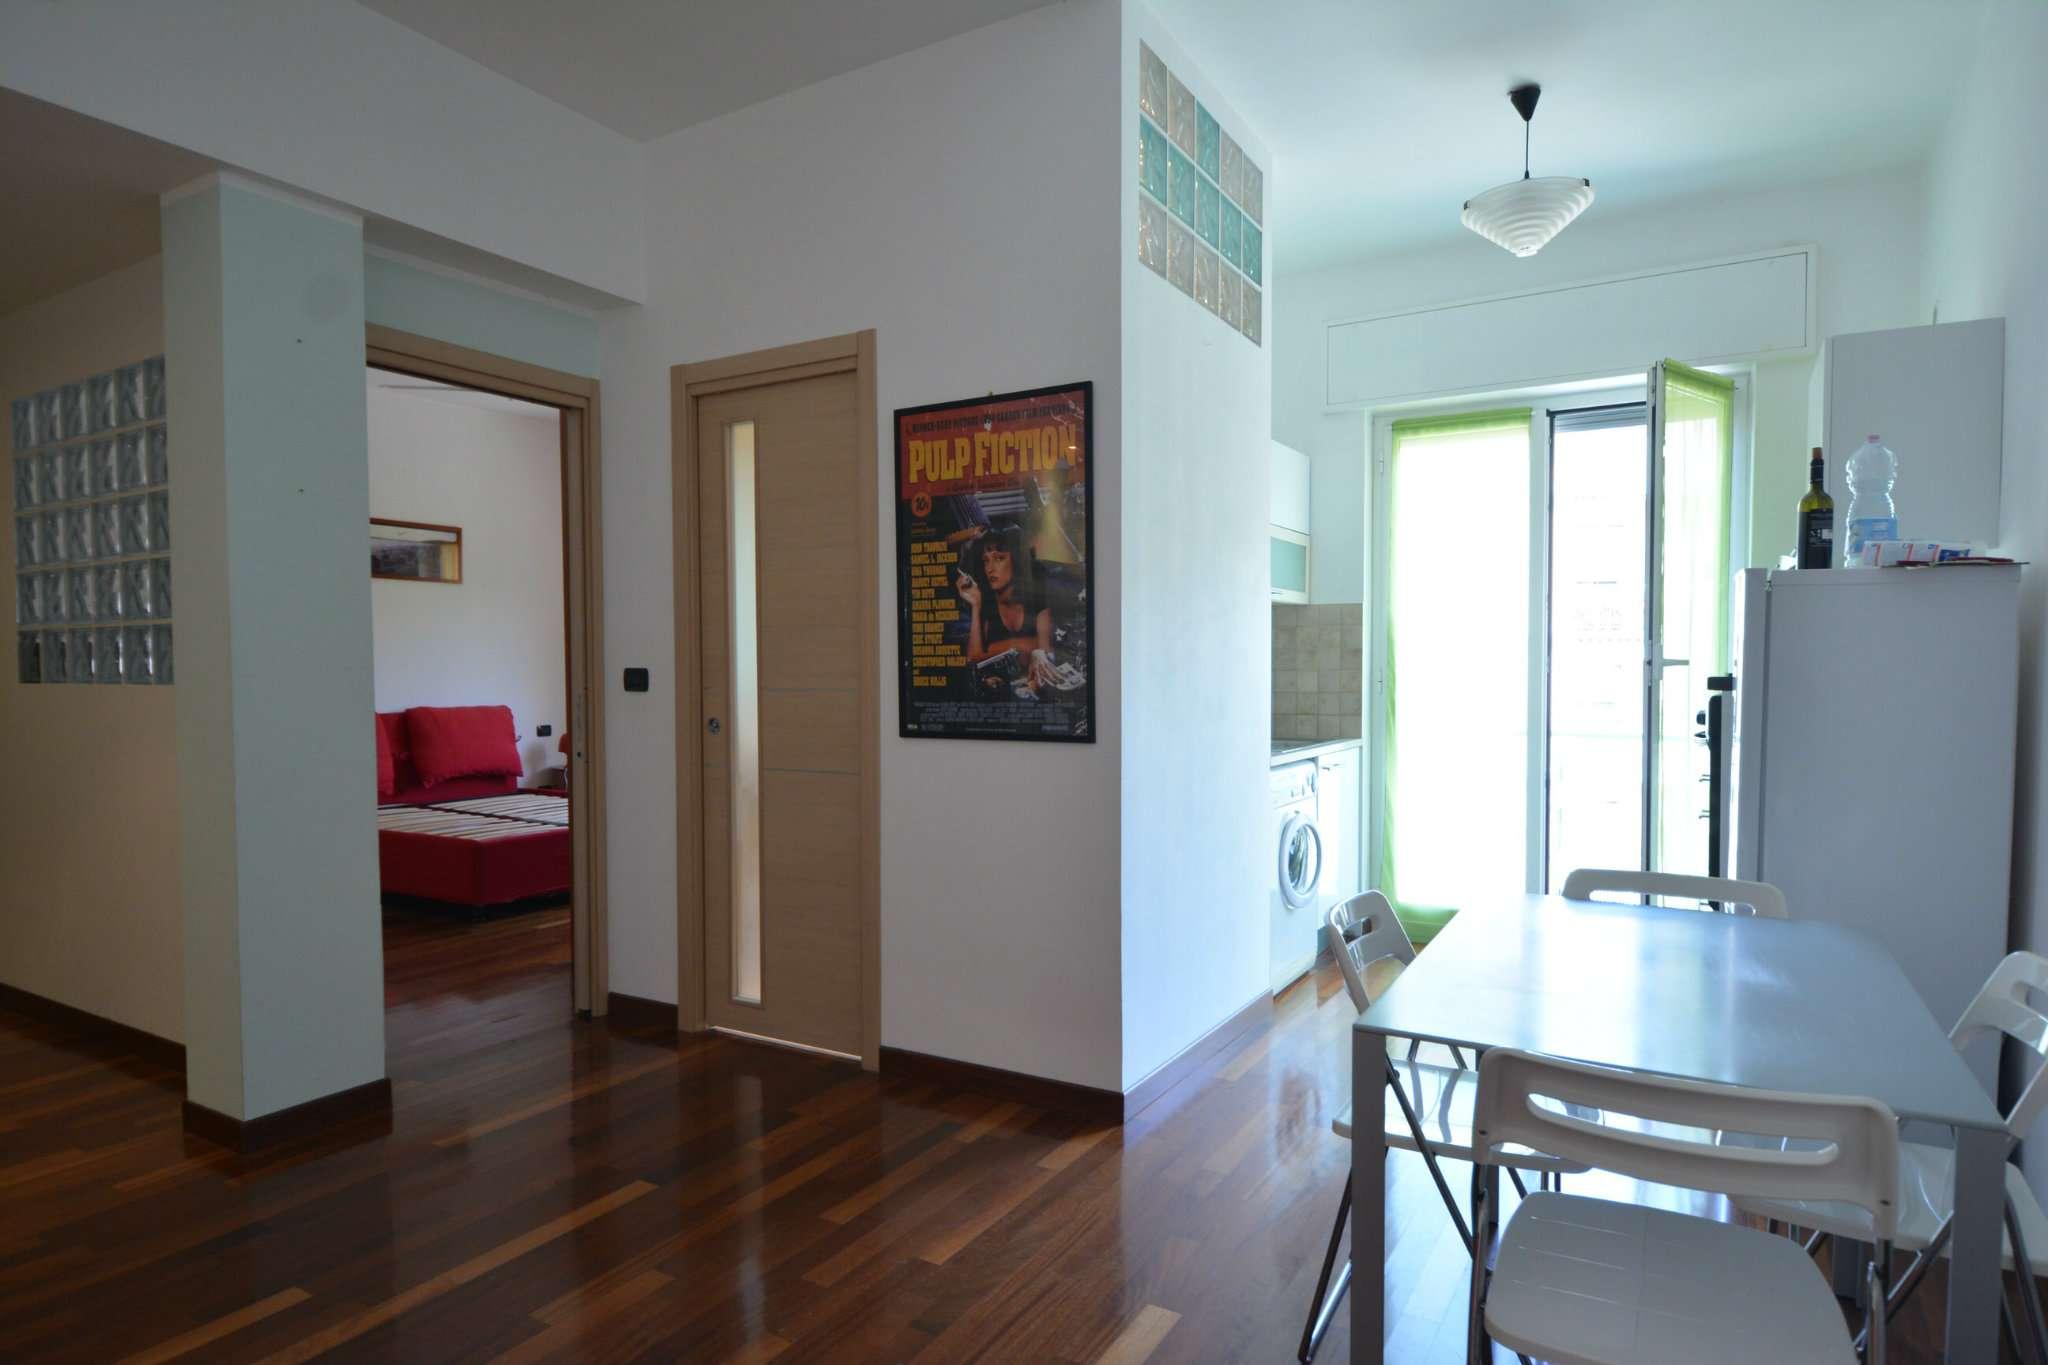 Foto 1 di Appartamento via Gaulli, Genova (zona San Fruttuoso)